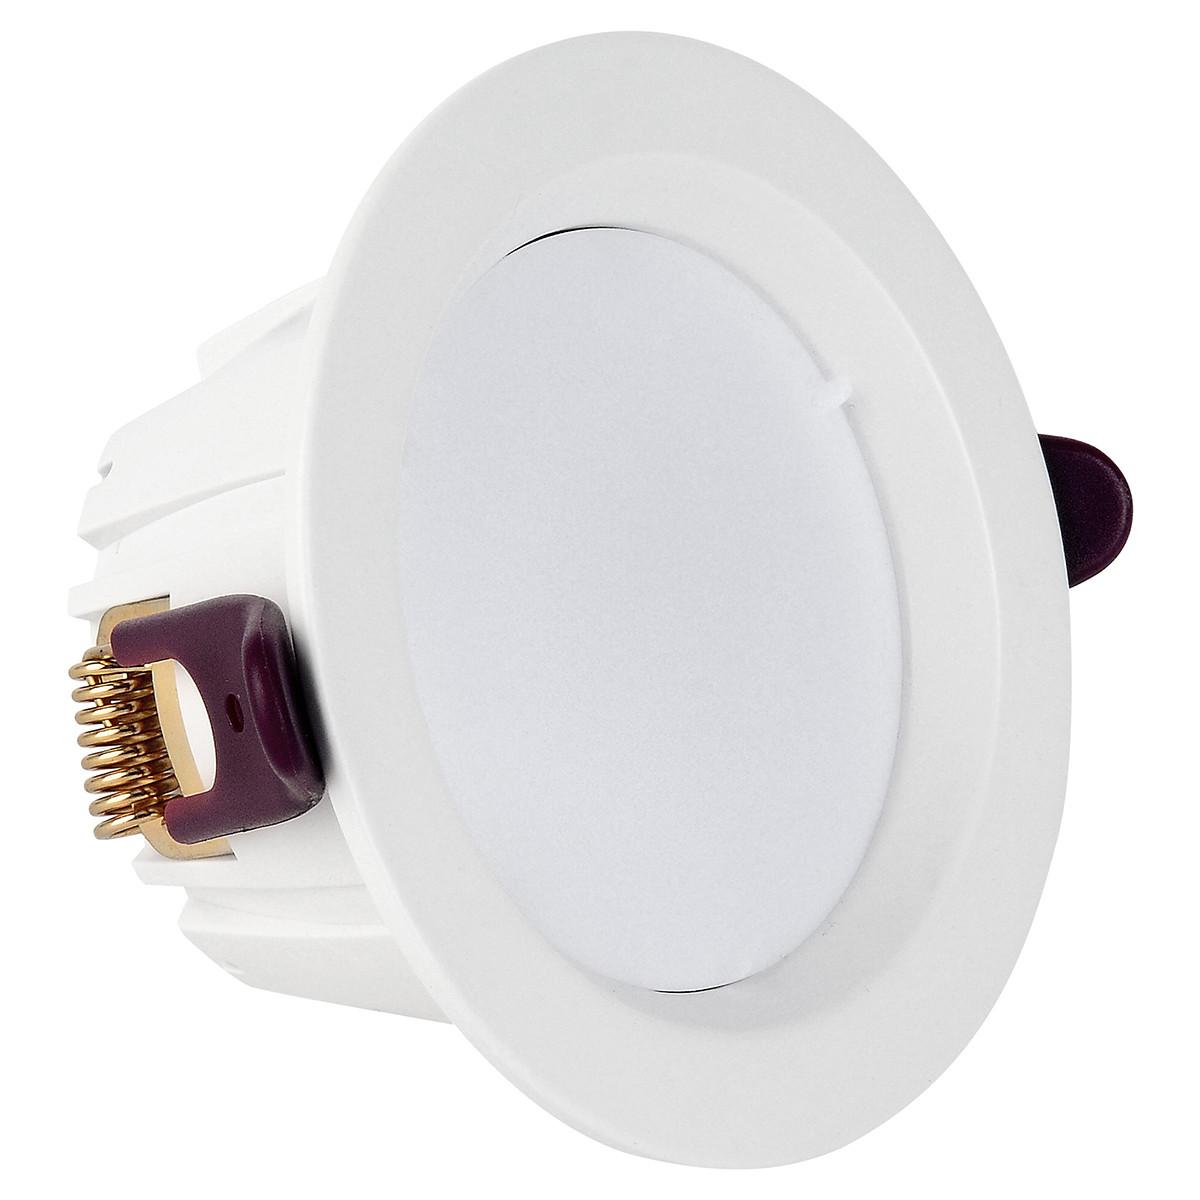 LED Downlight Lanar - Inbouw Rond 7W - Dimbaar - Natuurlijk 4000K - Mat Wit Aluminium Ø98mm